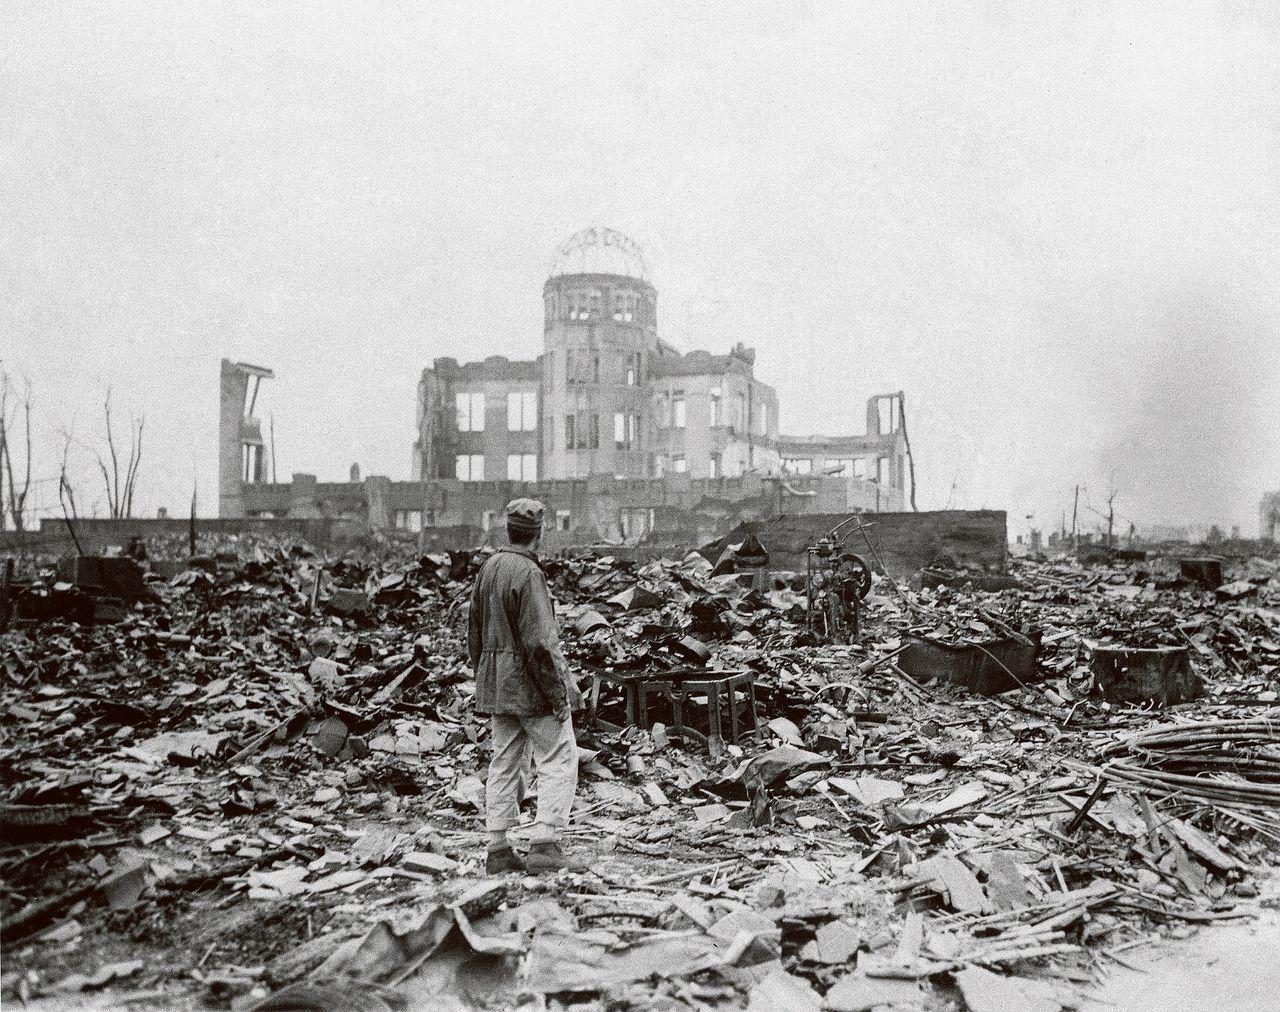 Hiroshima op 8 september 1945, een maand na vernietiging van de stad door de atoombom.